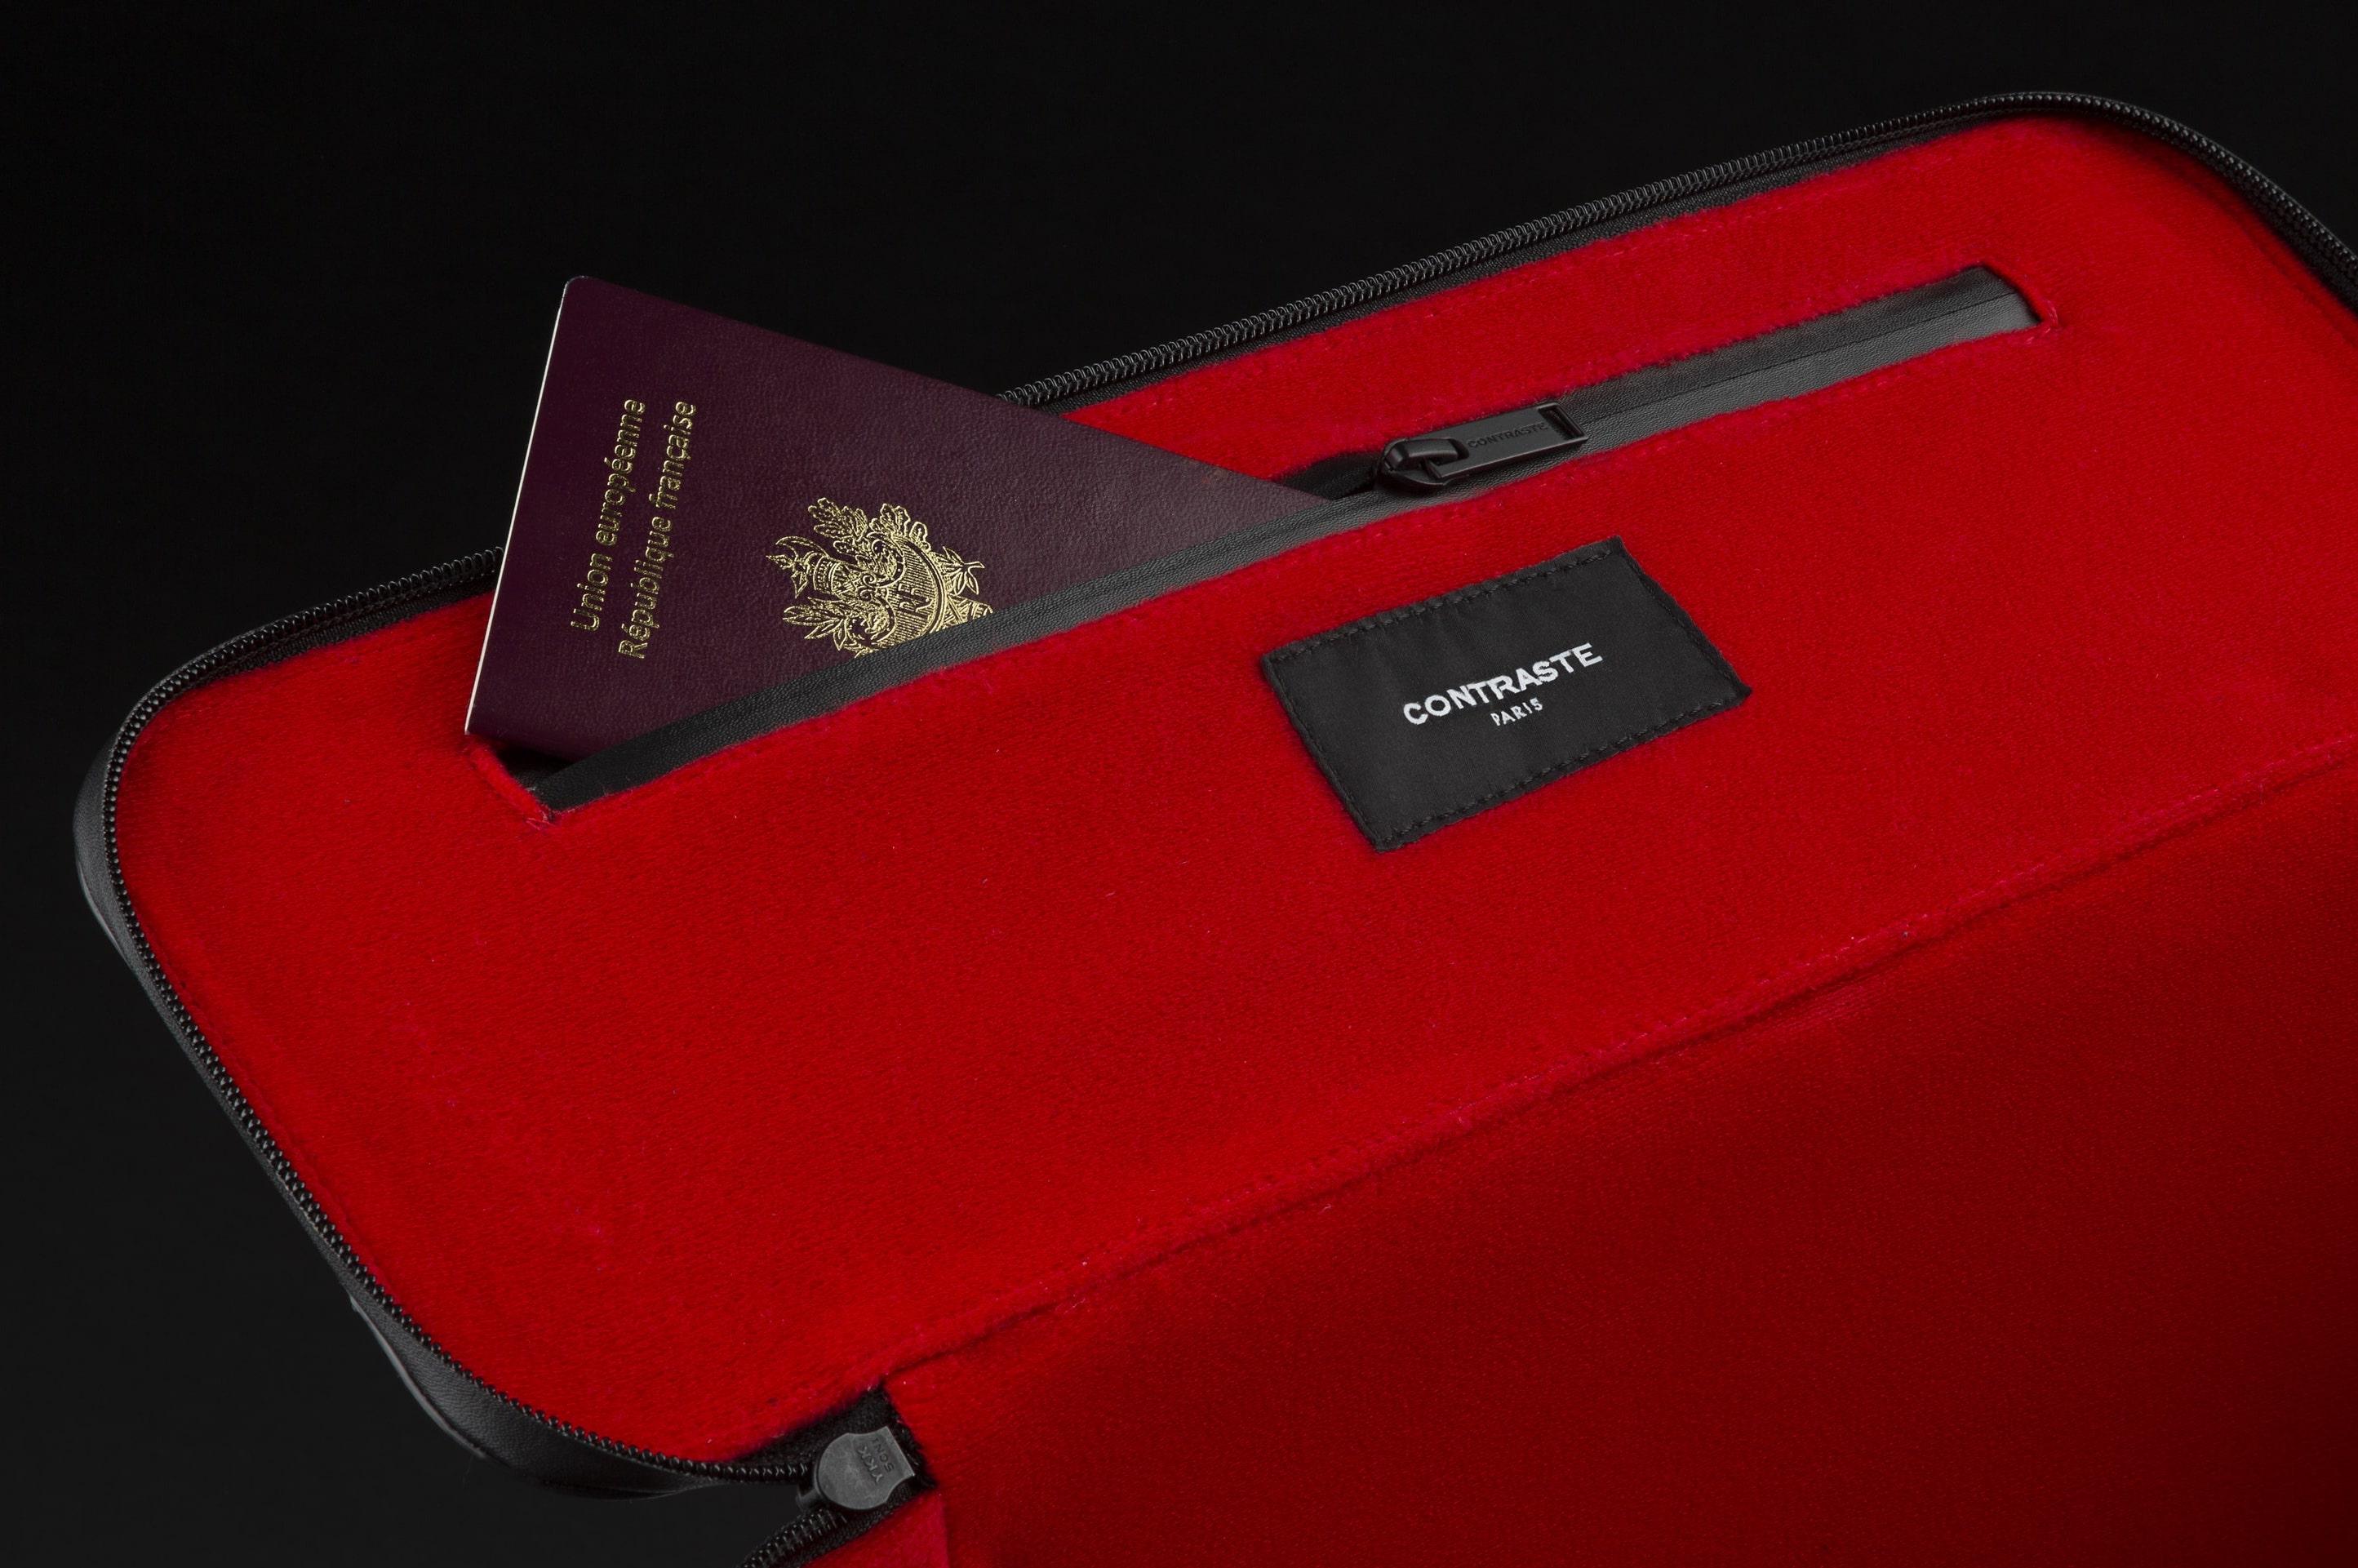 contraste paris technologie sac photo cuir noir velours rouge pochette zippée fermeture